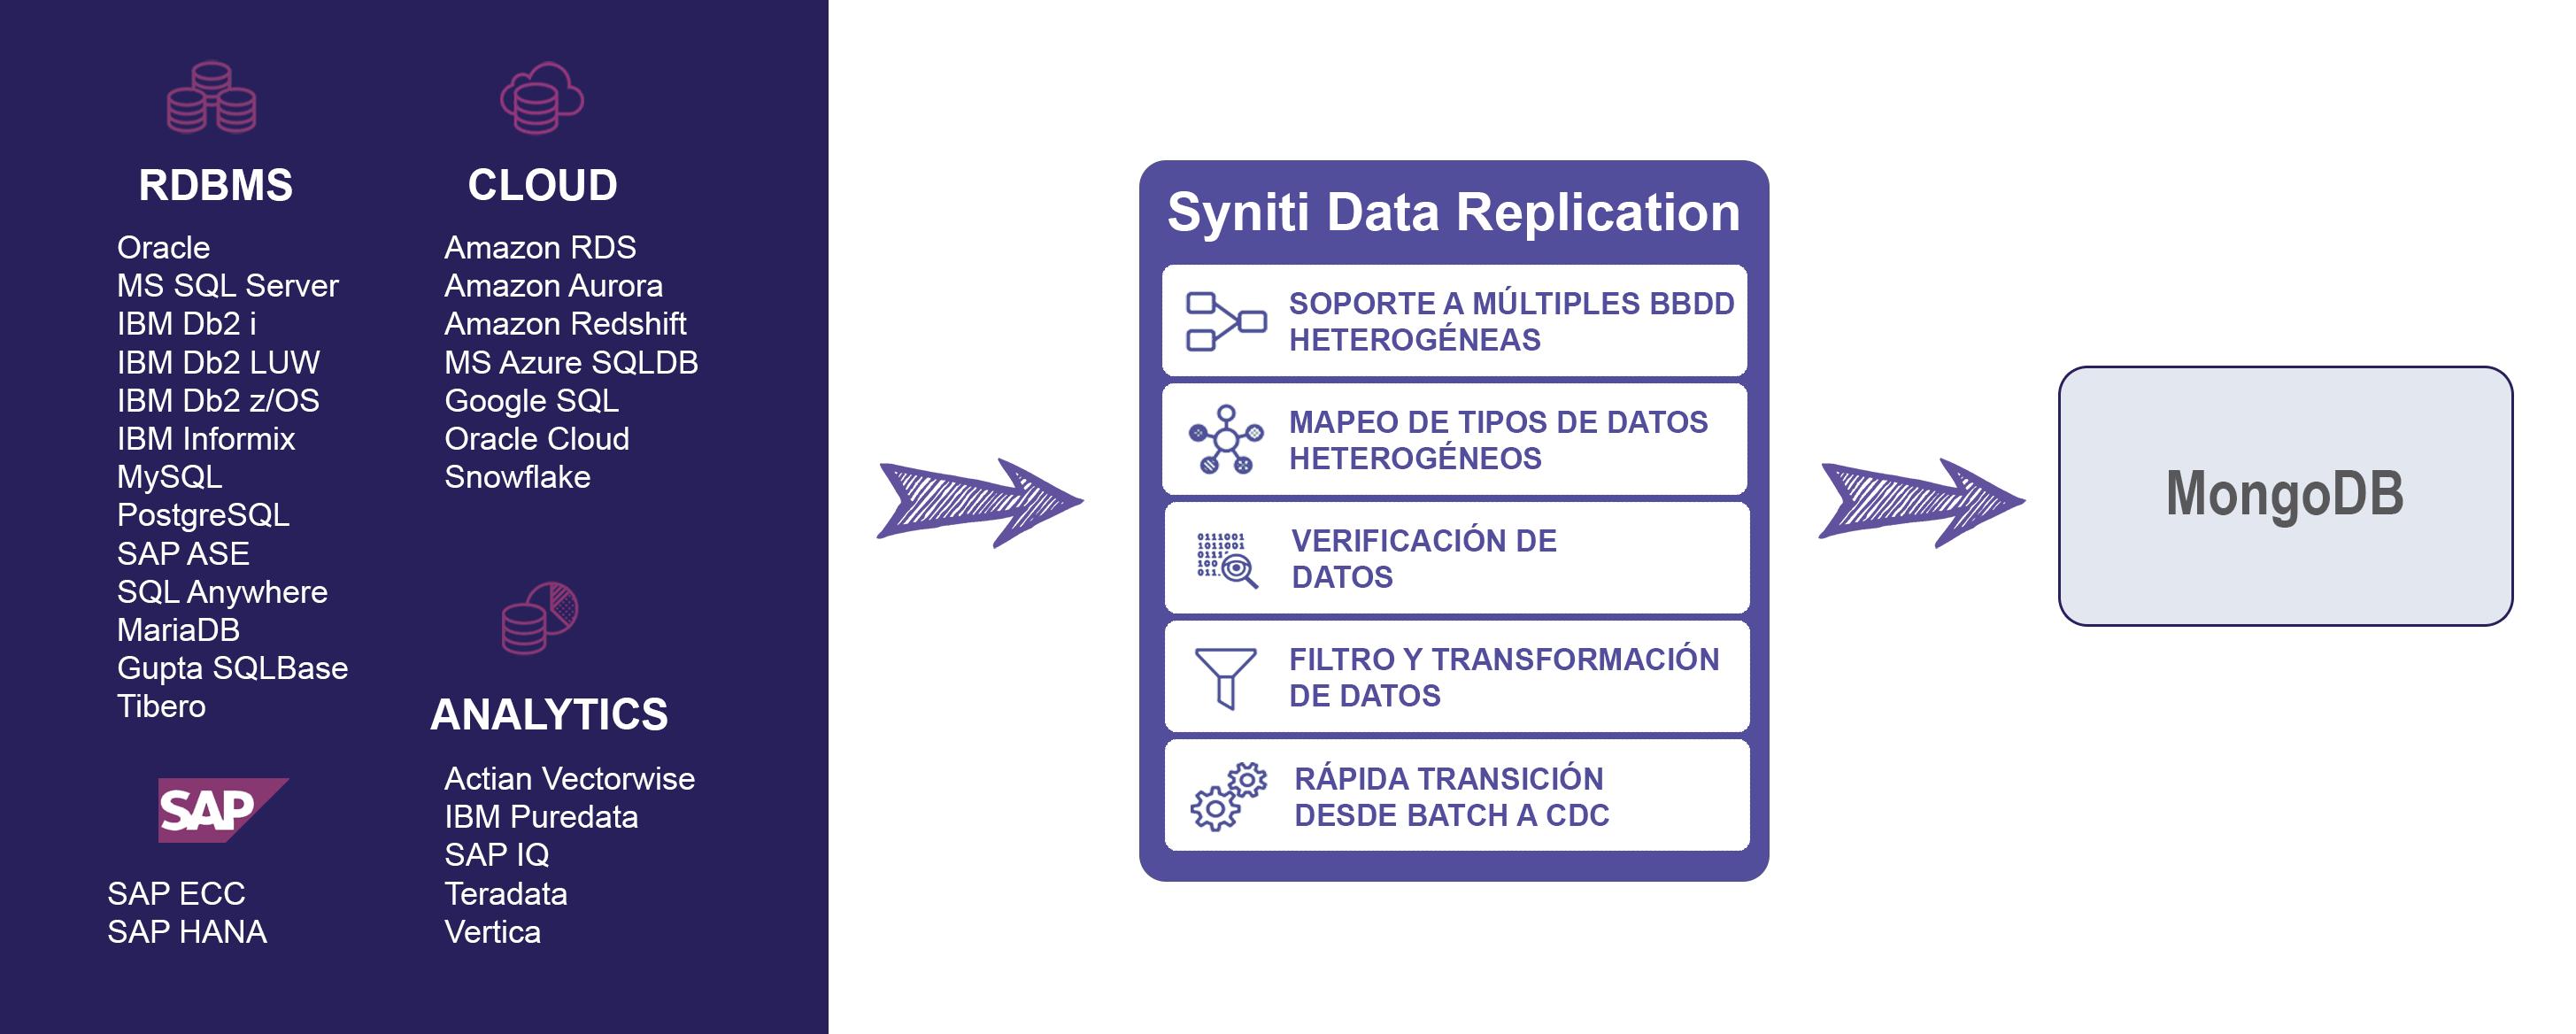 Esquema de replicacion de datos para MongoDB